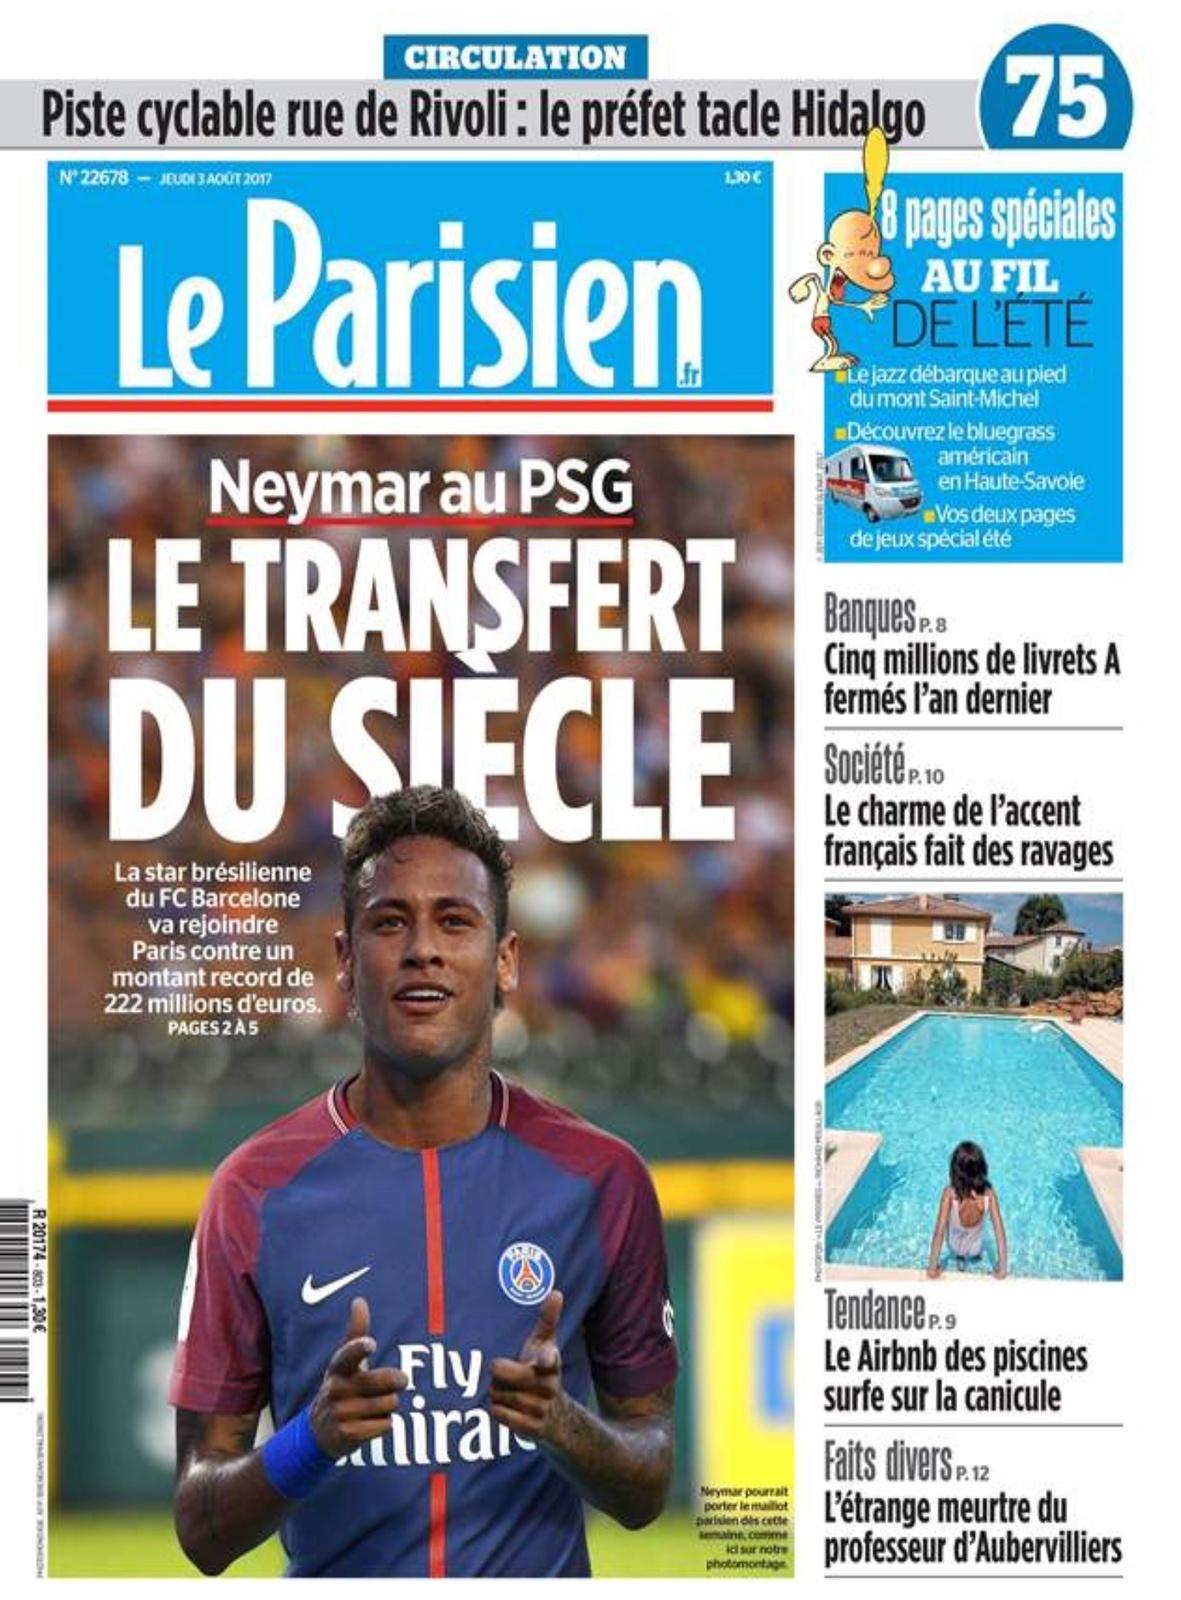 ba2ecfa404 Entenda por que a transação de Neymar mudará o futebol mundial ...